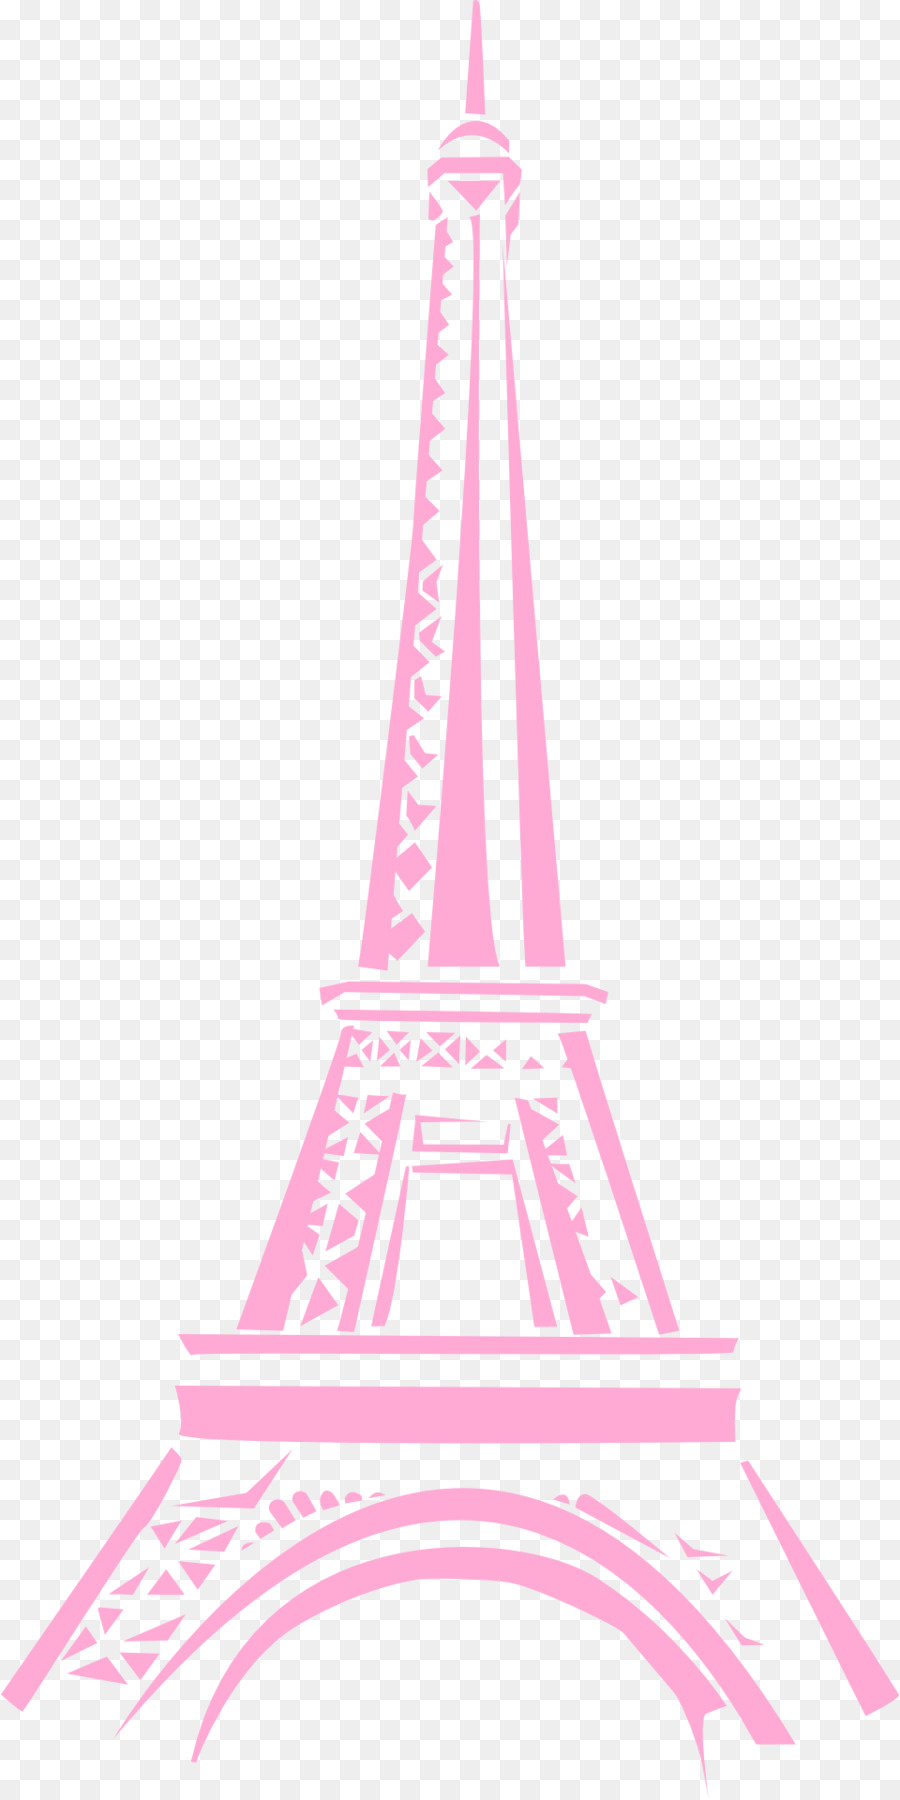 Descarga gratuita de La Torre Eiffel, De La Torre, Dibujo imágenes PNG